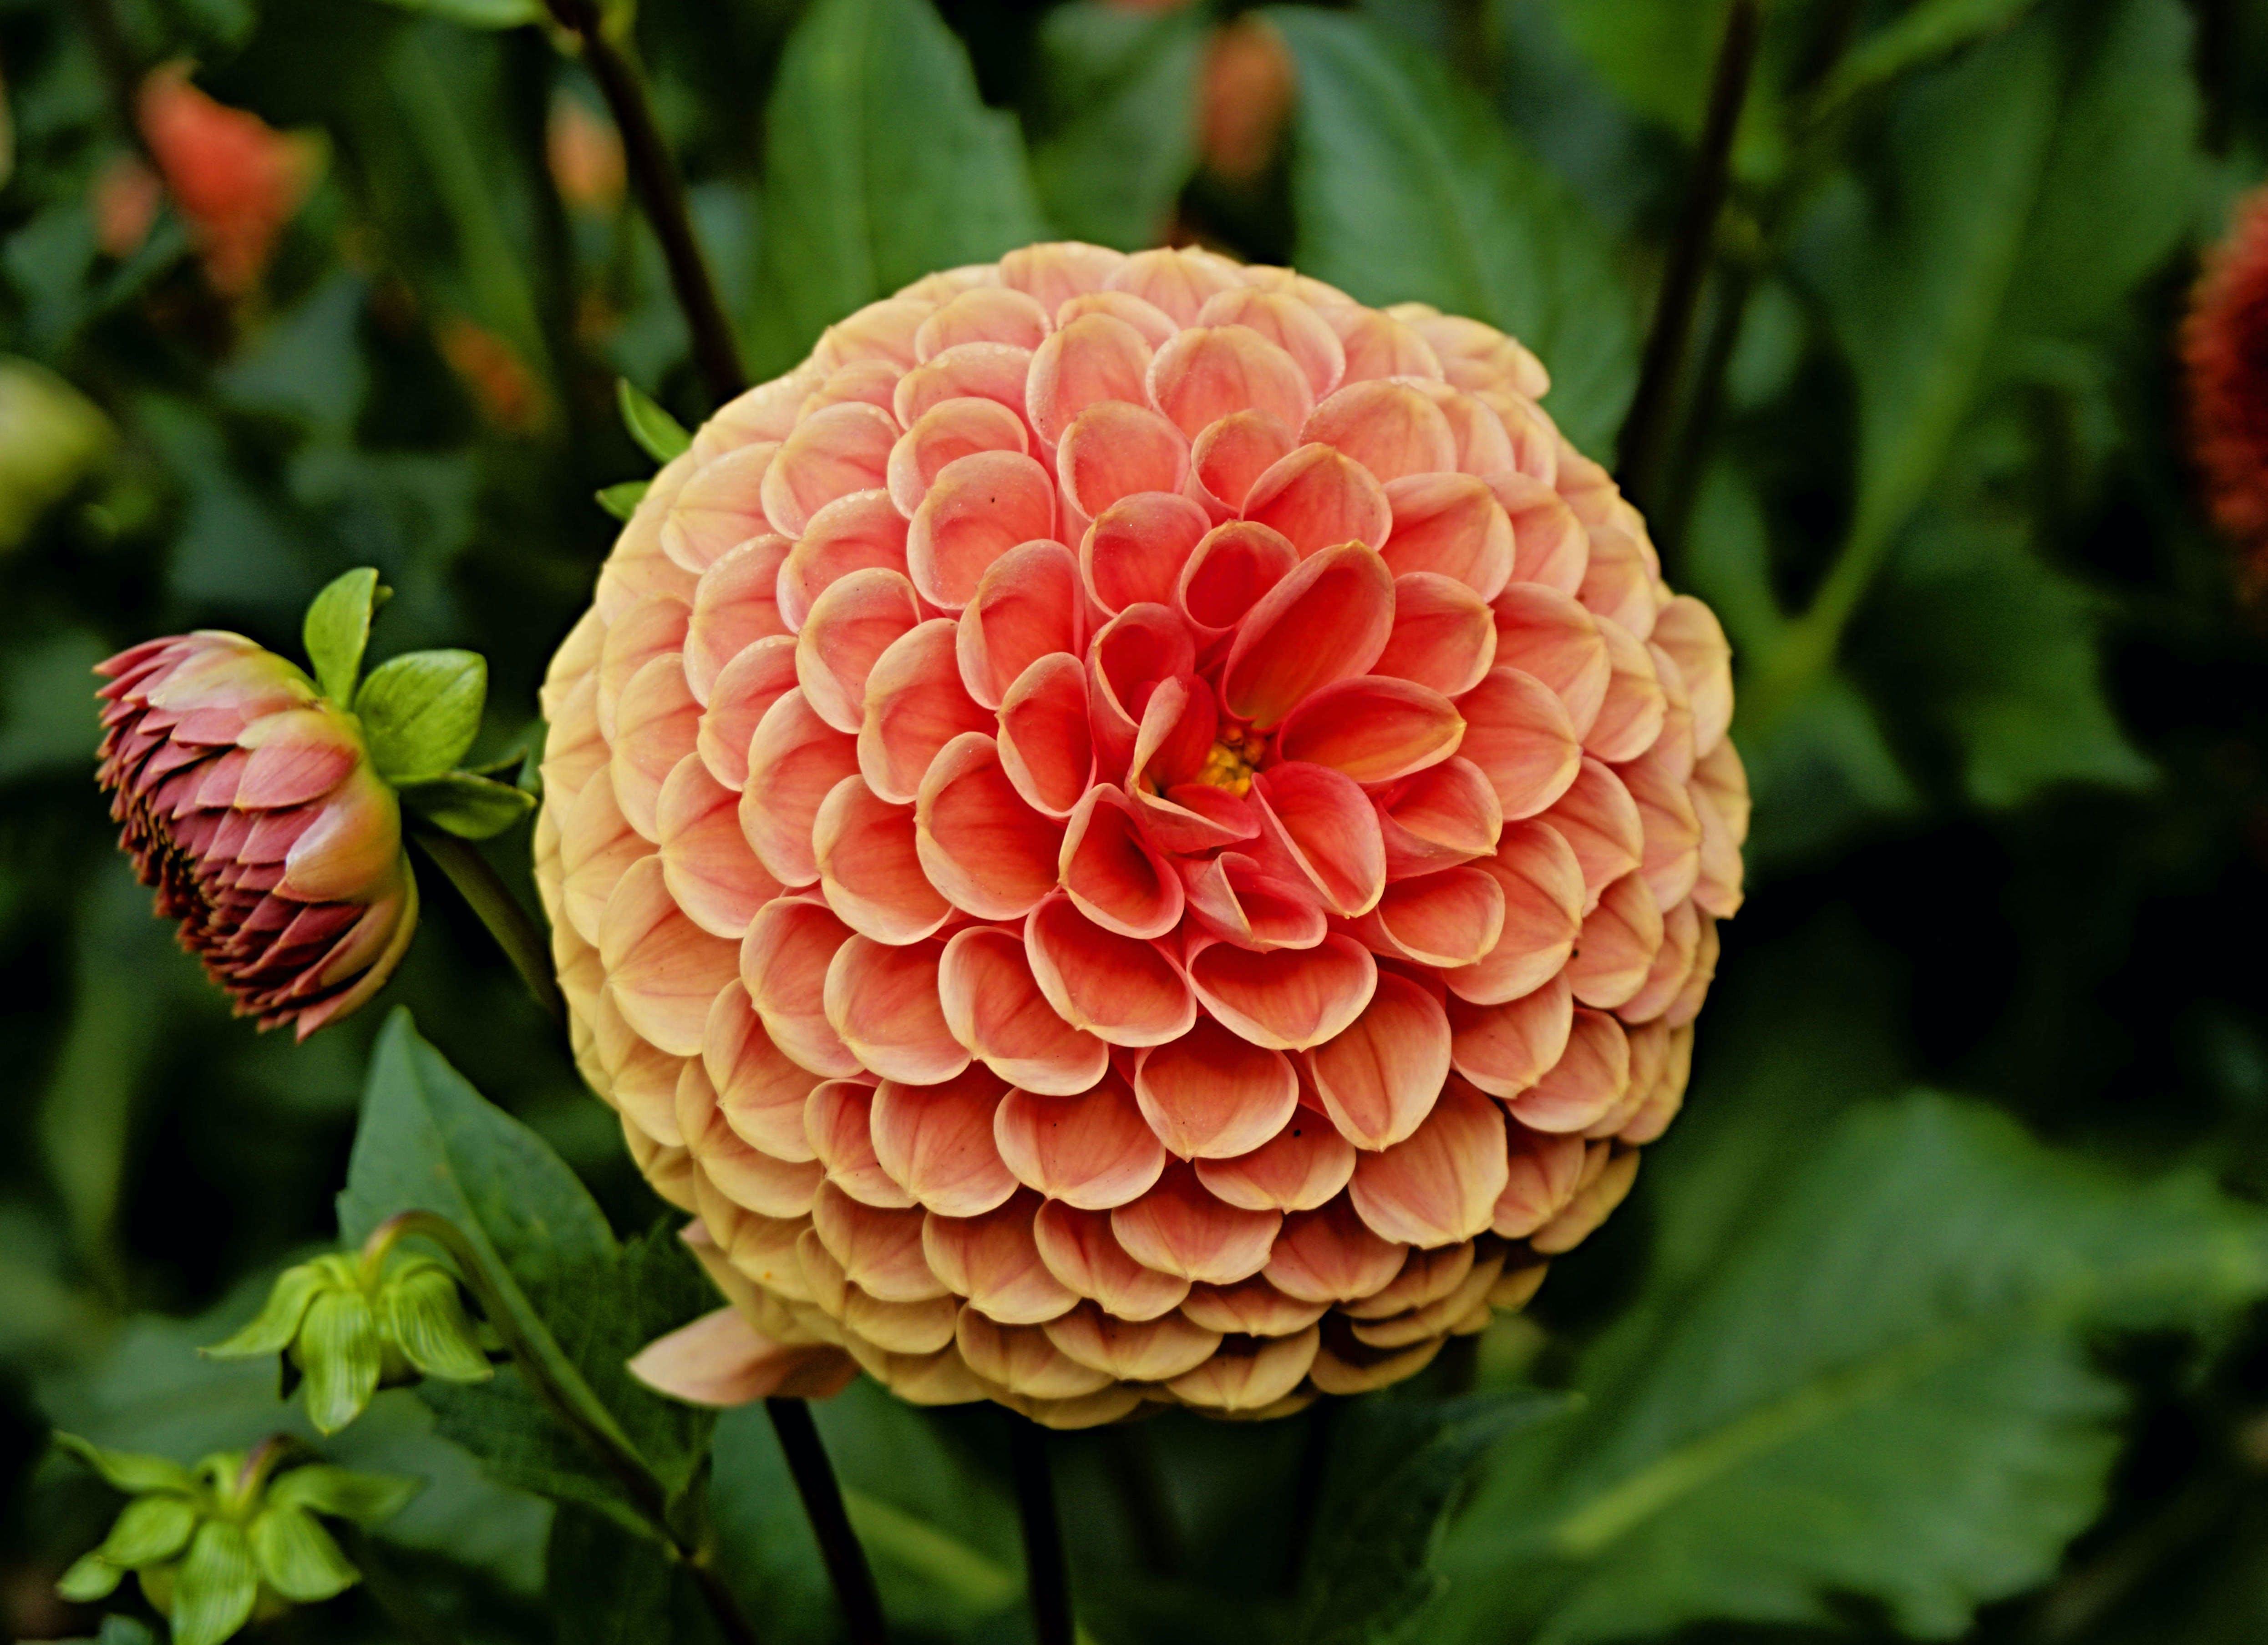 Gratis lagerfoto af blomst, blomster, close-up, dahlia